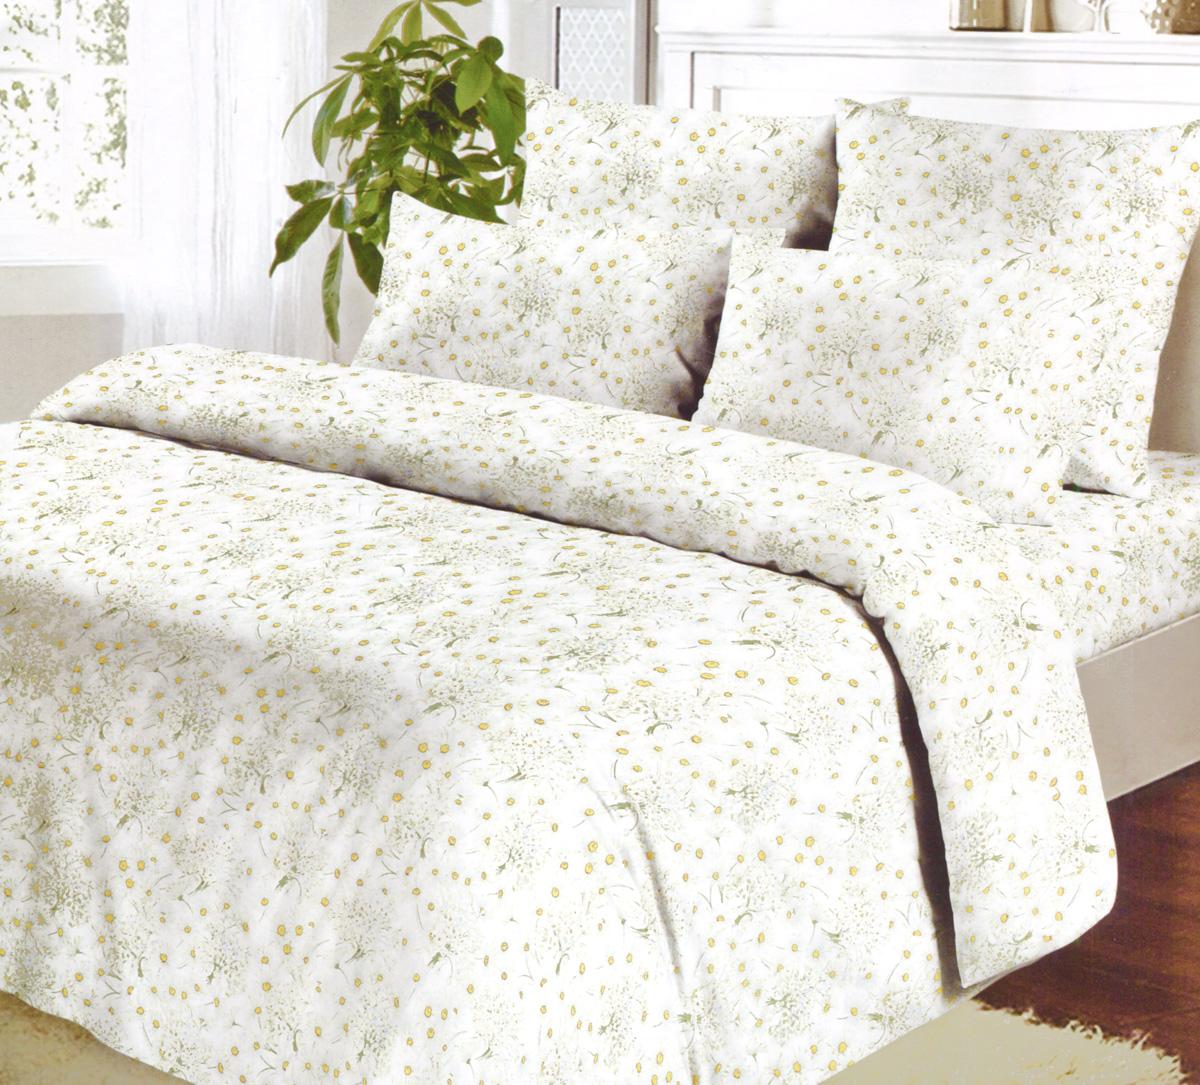 Комплект белья Коллекция Ромашковое поле, 1,5-спальный, наволочки 70х70, цвет: белый, желтый, зеленый